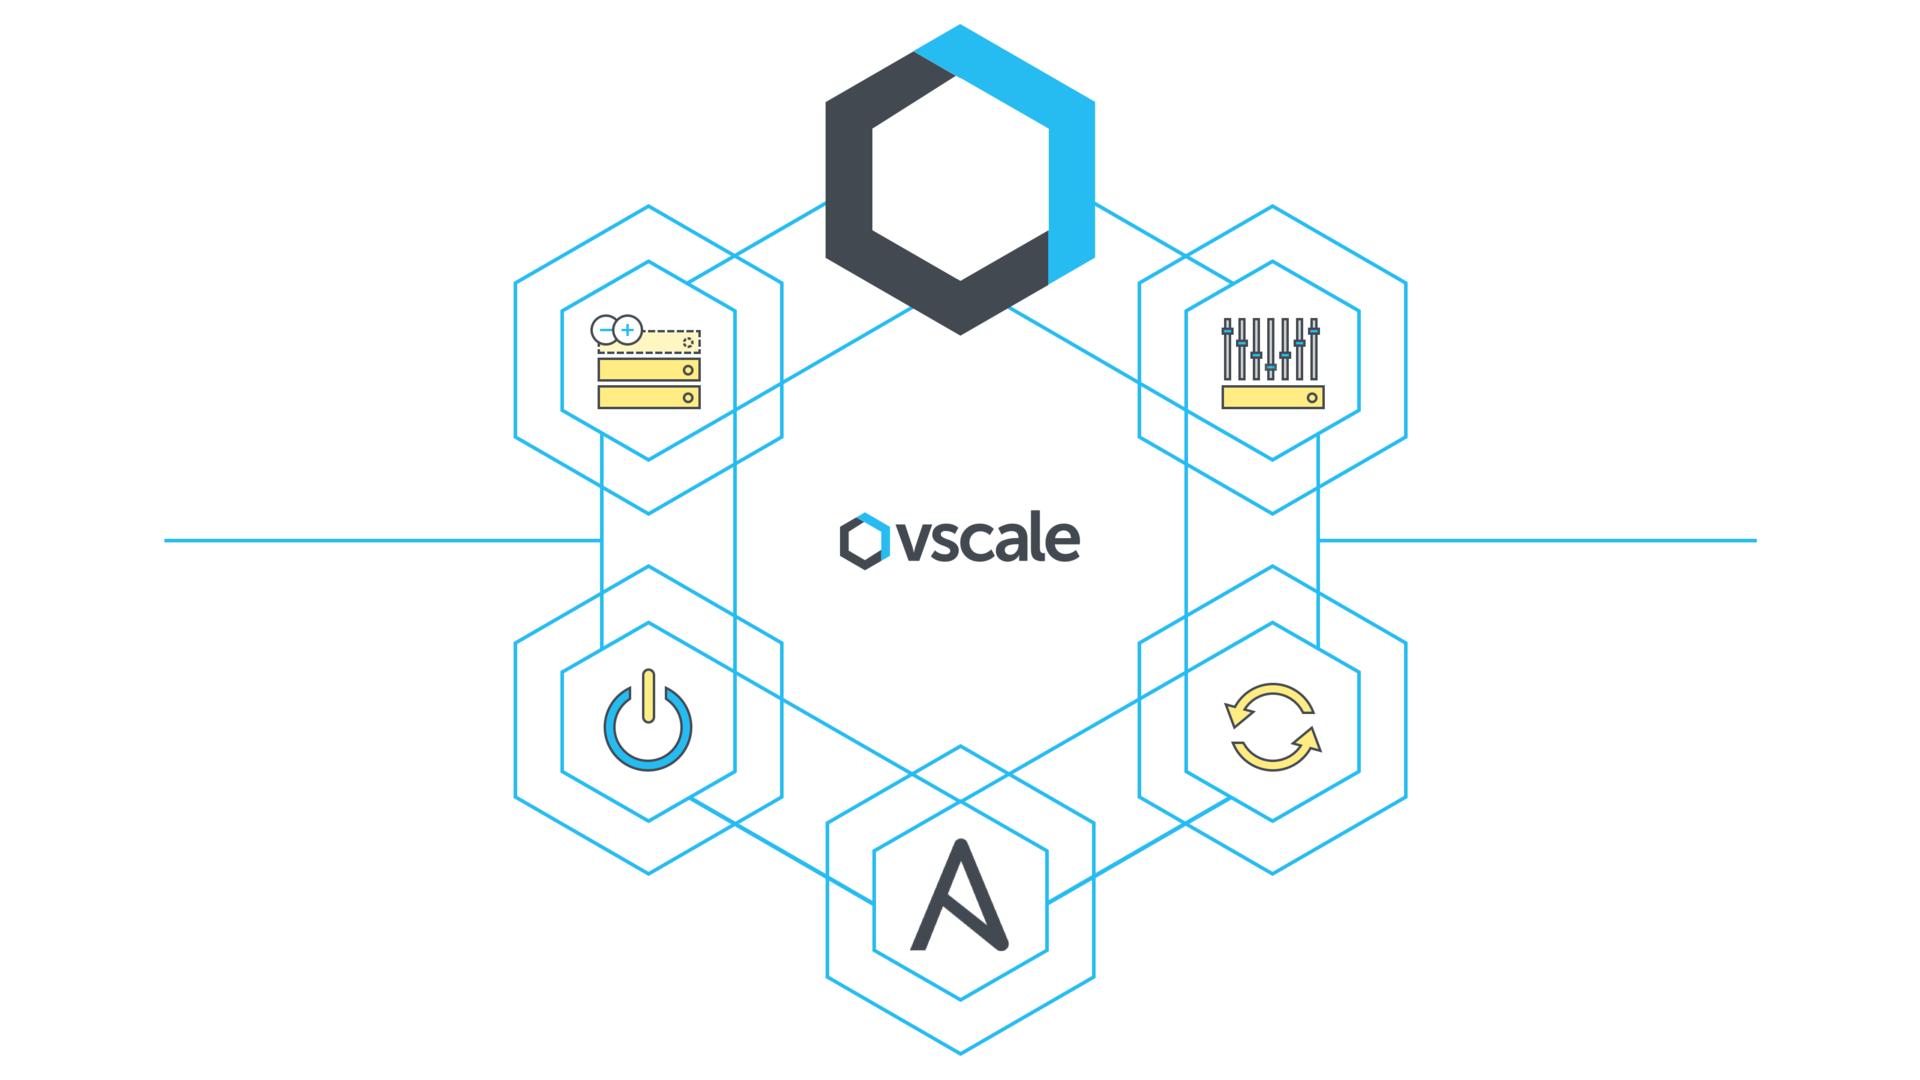 Управление серверами Vscale через Ansible - 1